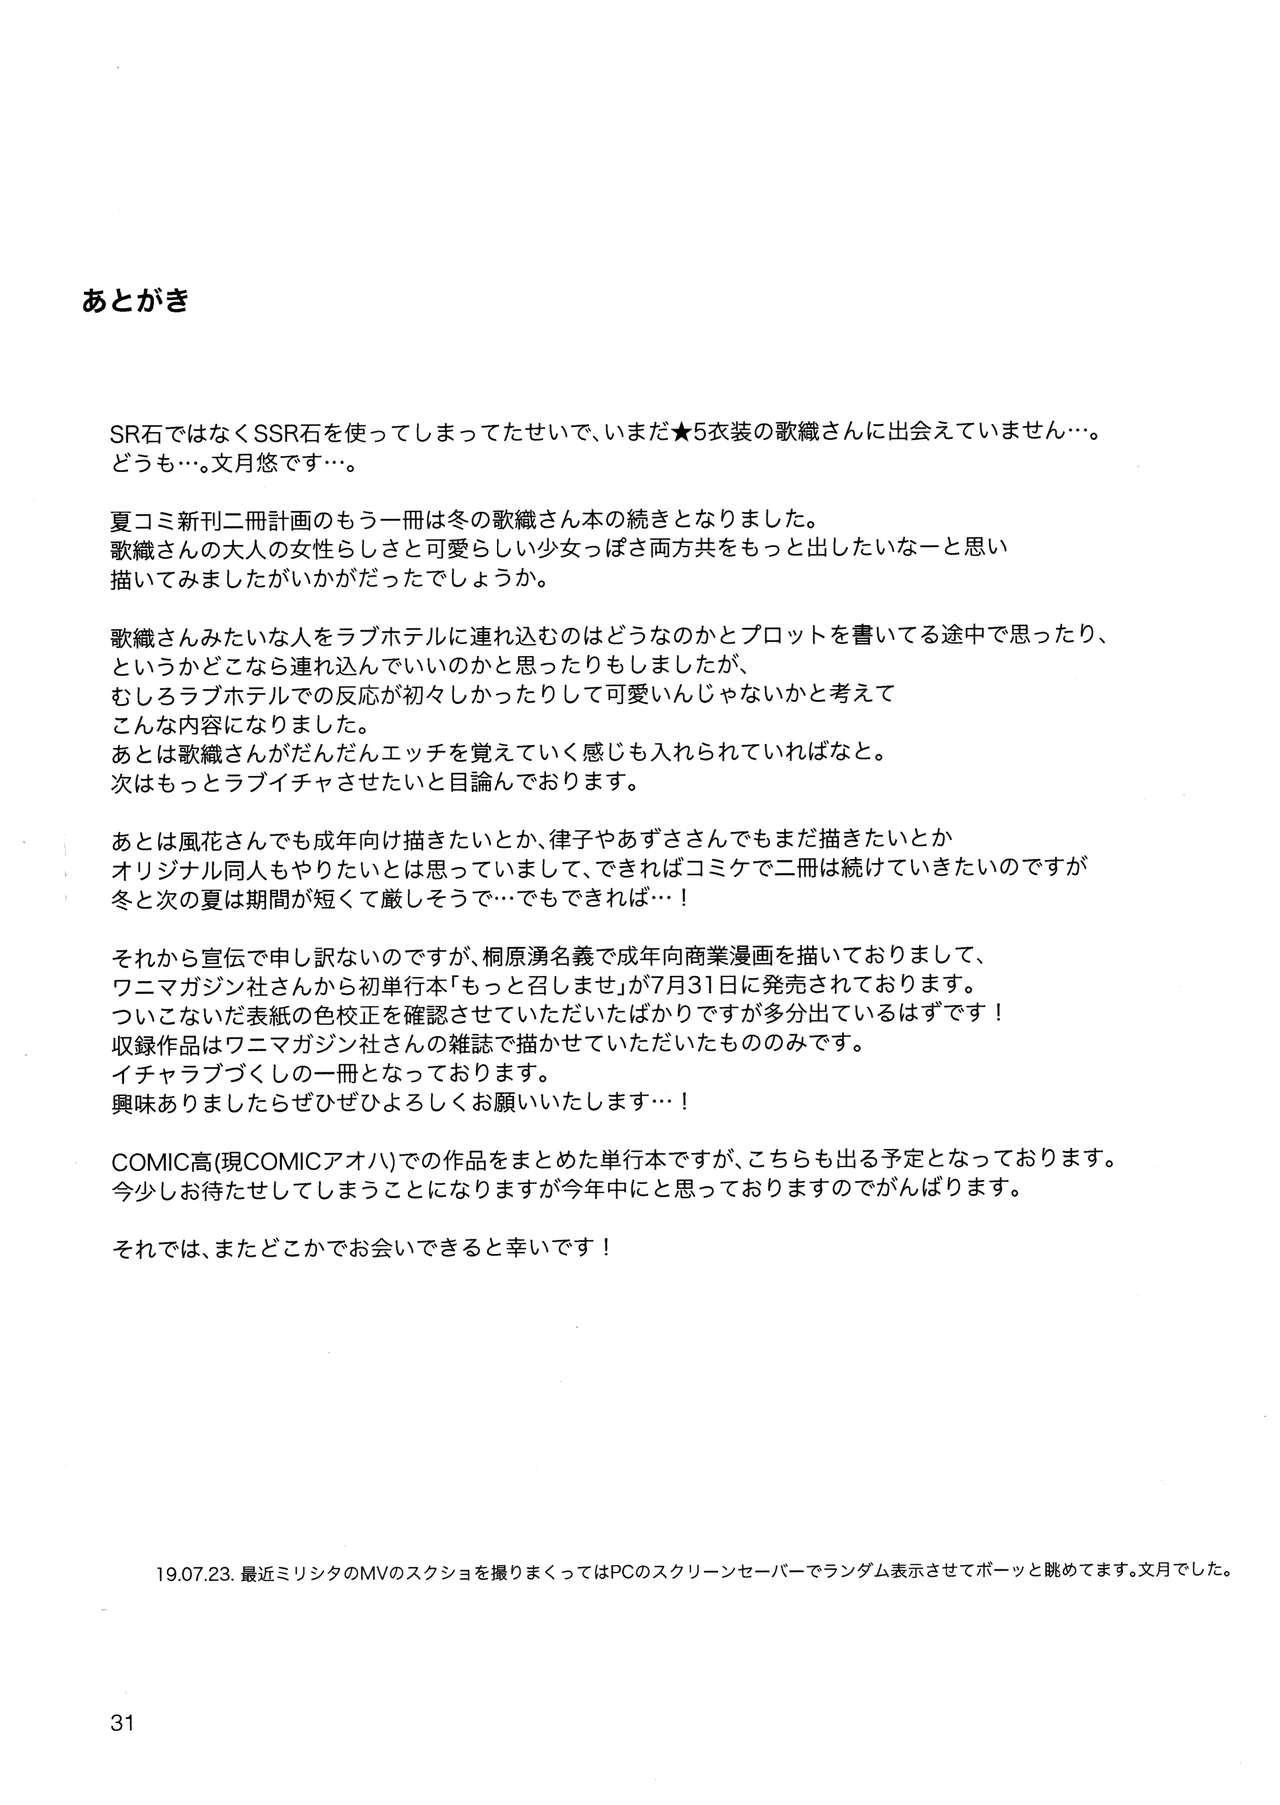 Watashi Datte Otona nandesu + Omake 31